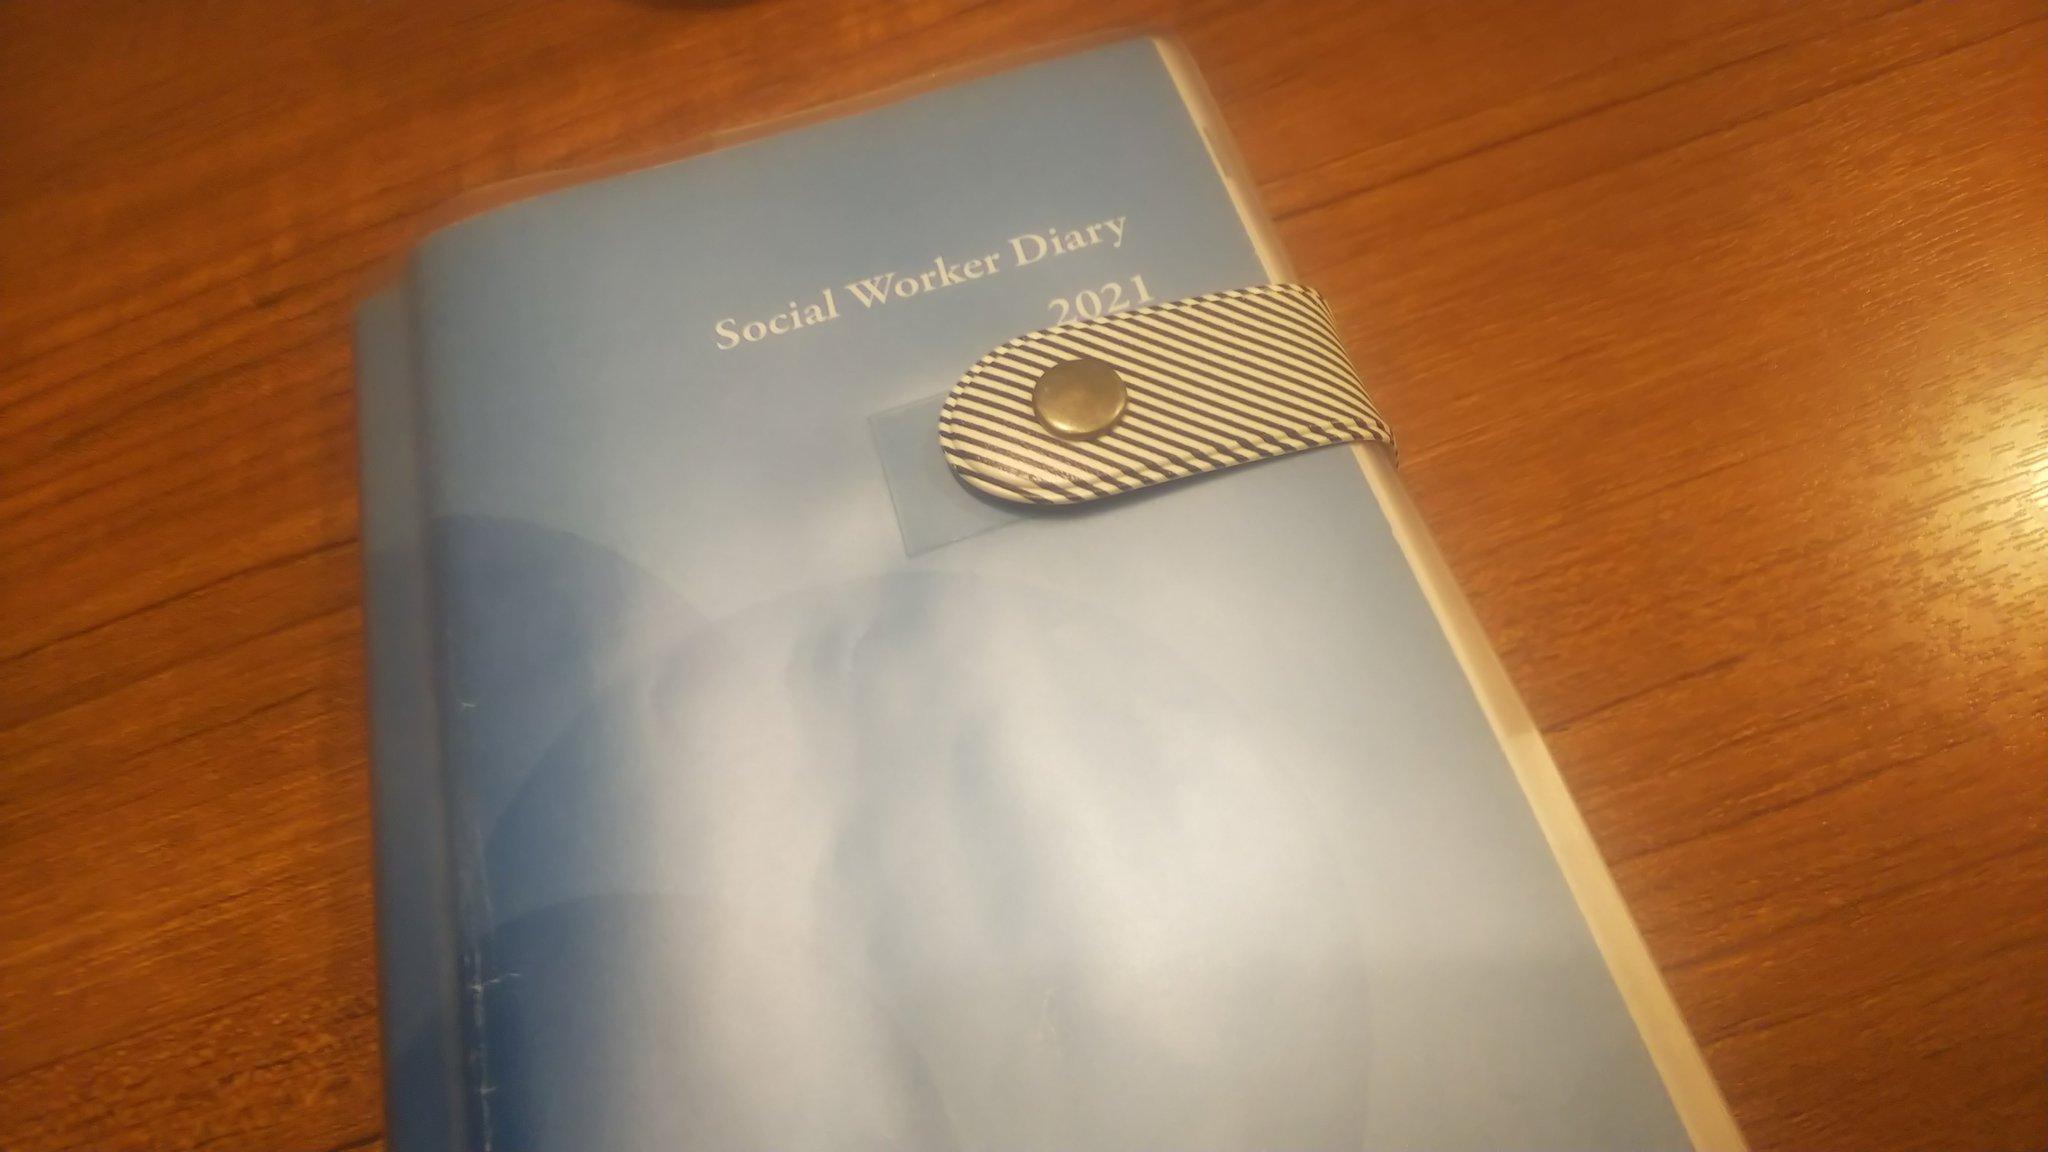 ソーシャルワーカー手帳 表紙